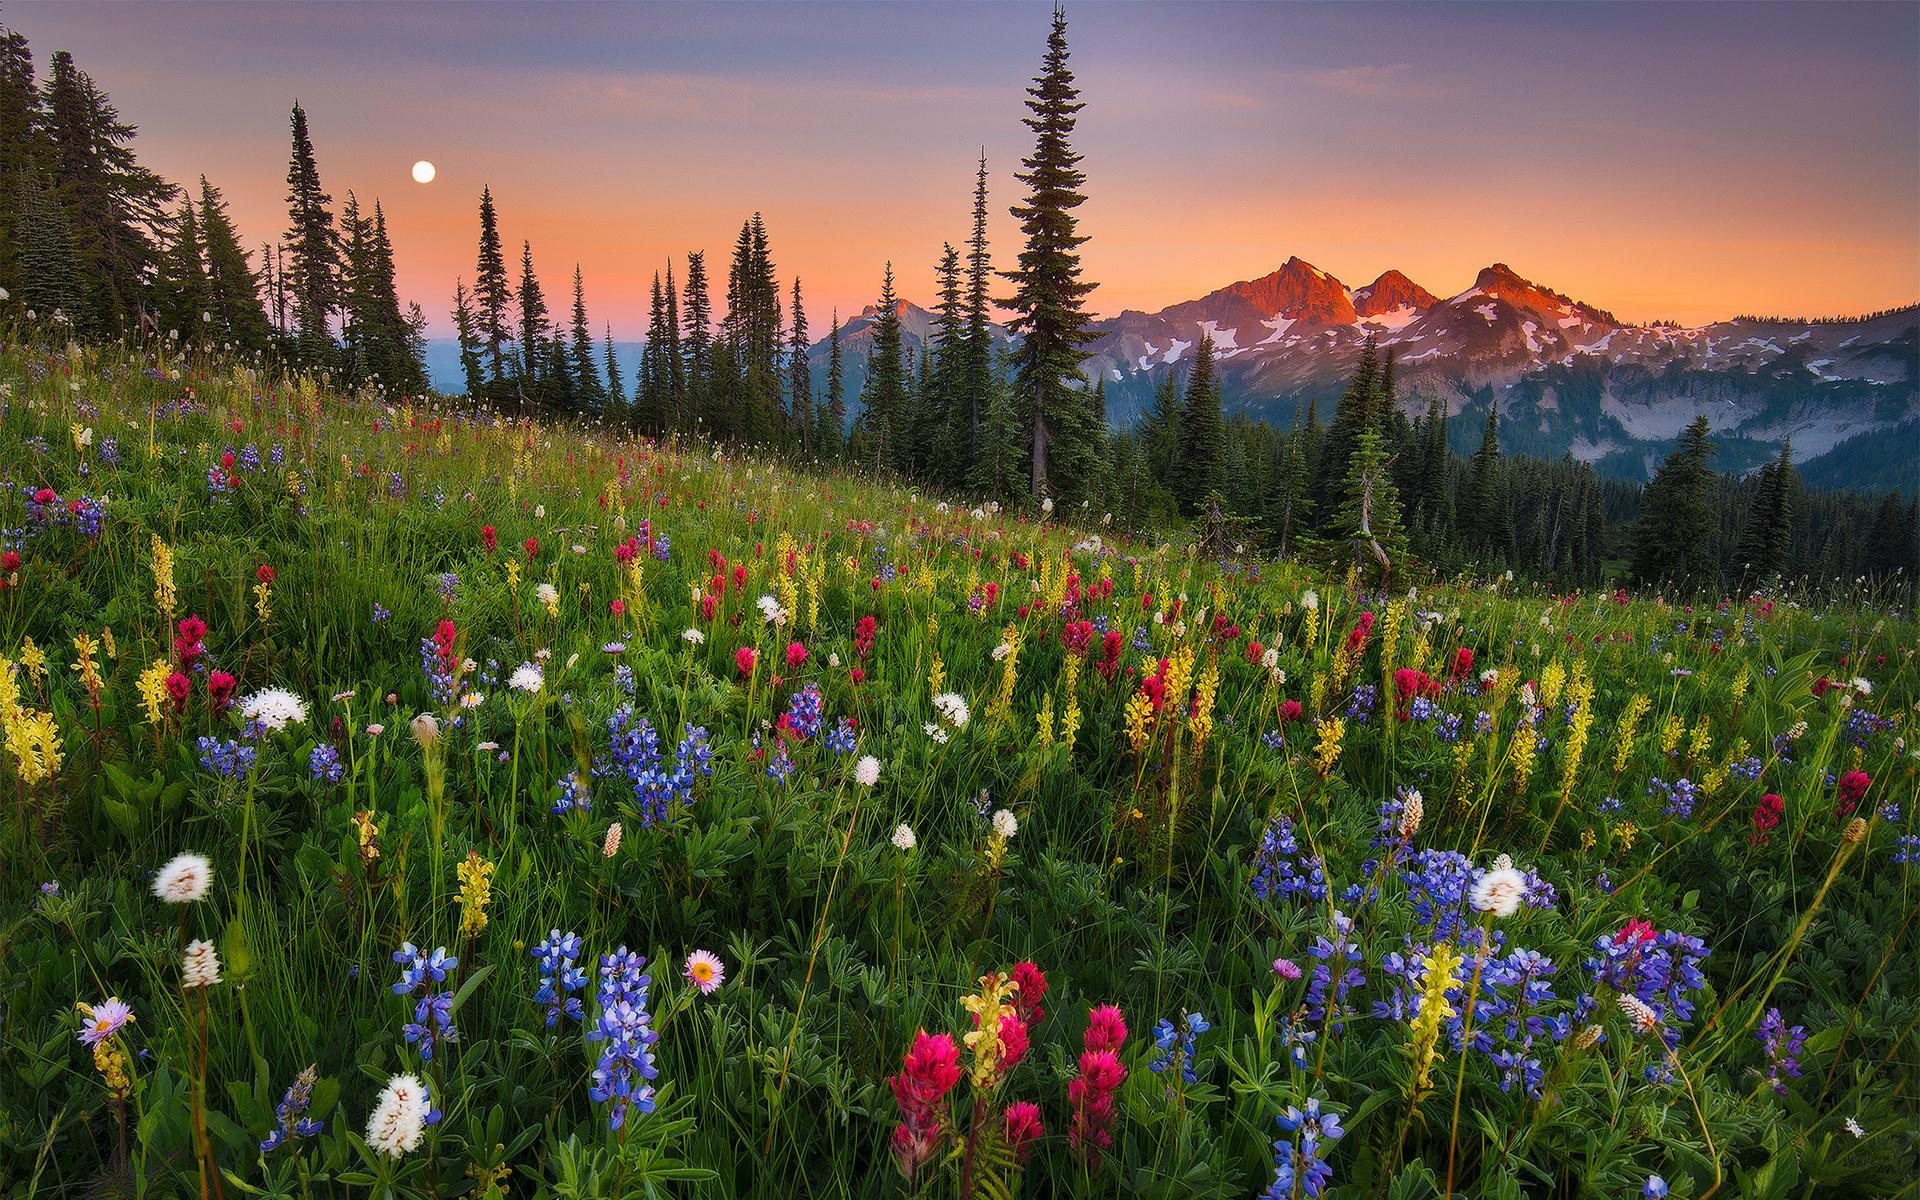 картинки лето цветы горы дальнейшем этот